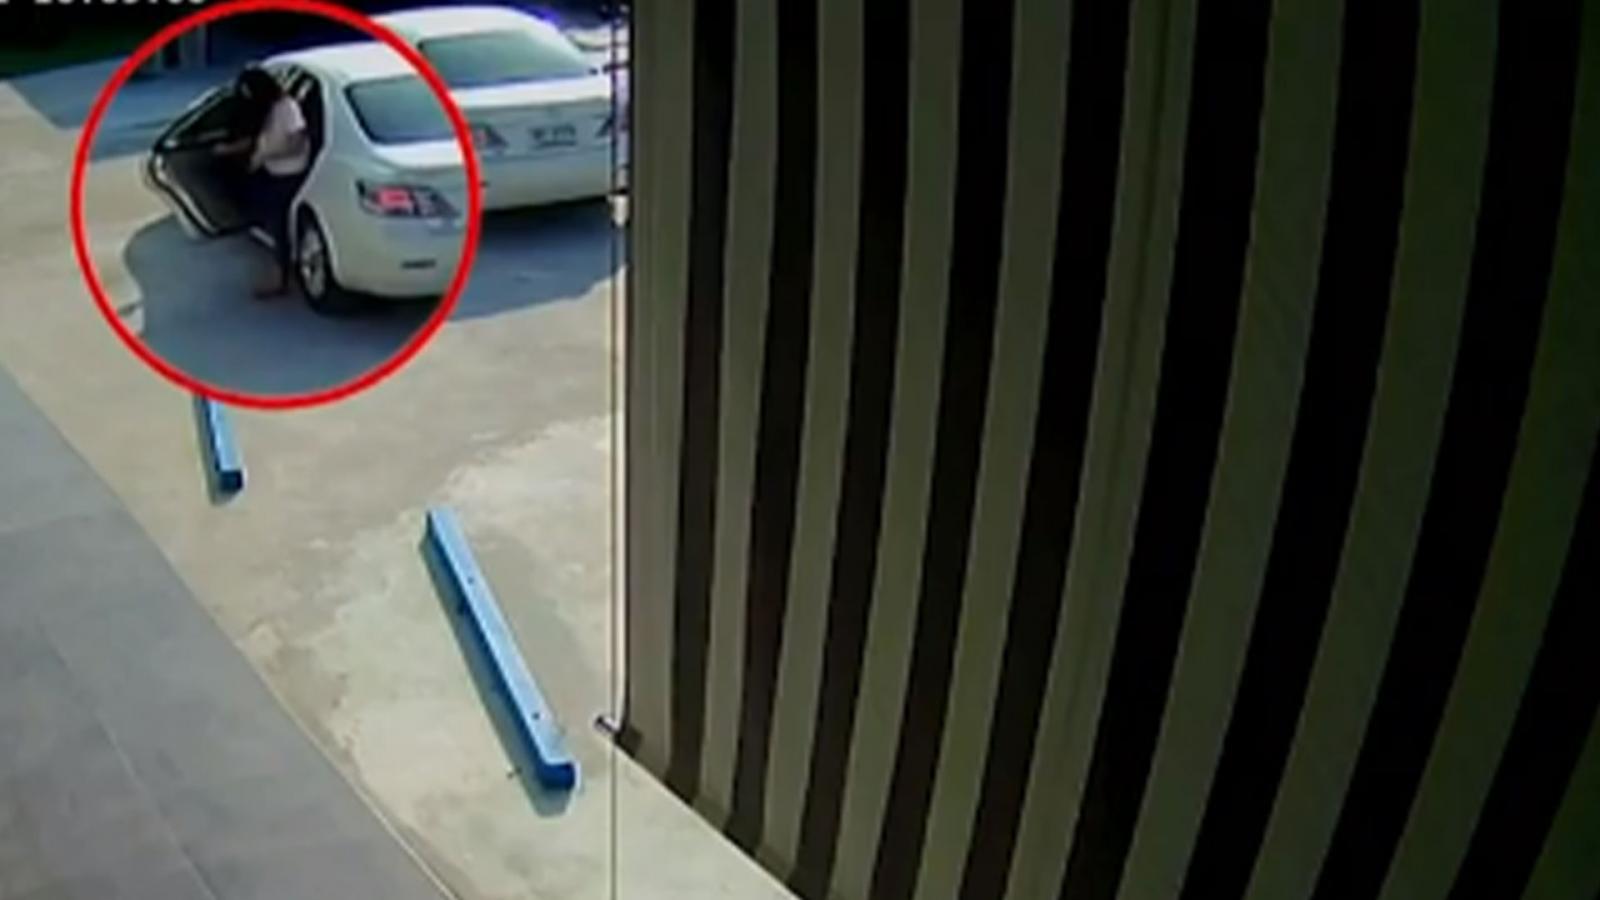 """ผลตรวจฉี่นศ.สาวเจอสารกัญชา """"ฟรอยด์"""" เตรียมพบตำรวจ 20 พ.ย.นี้"""